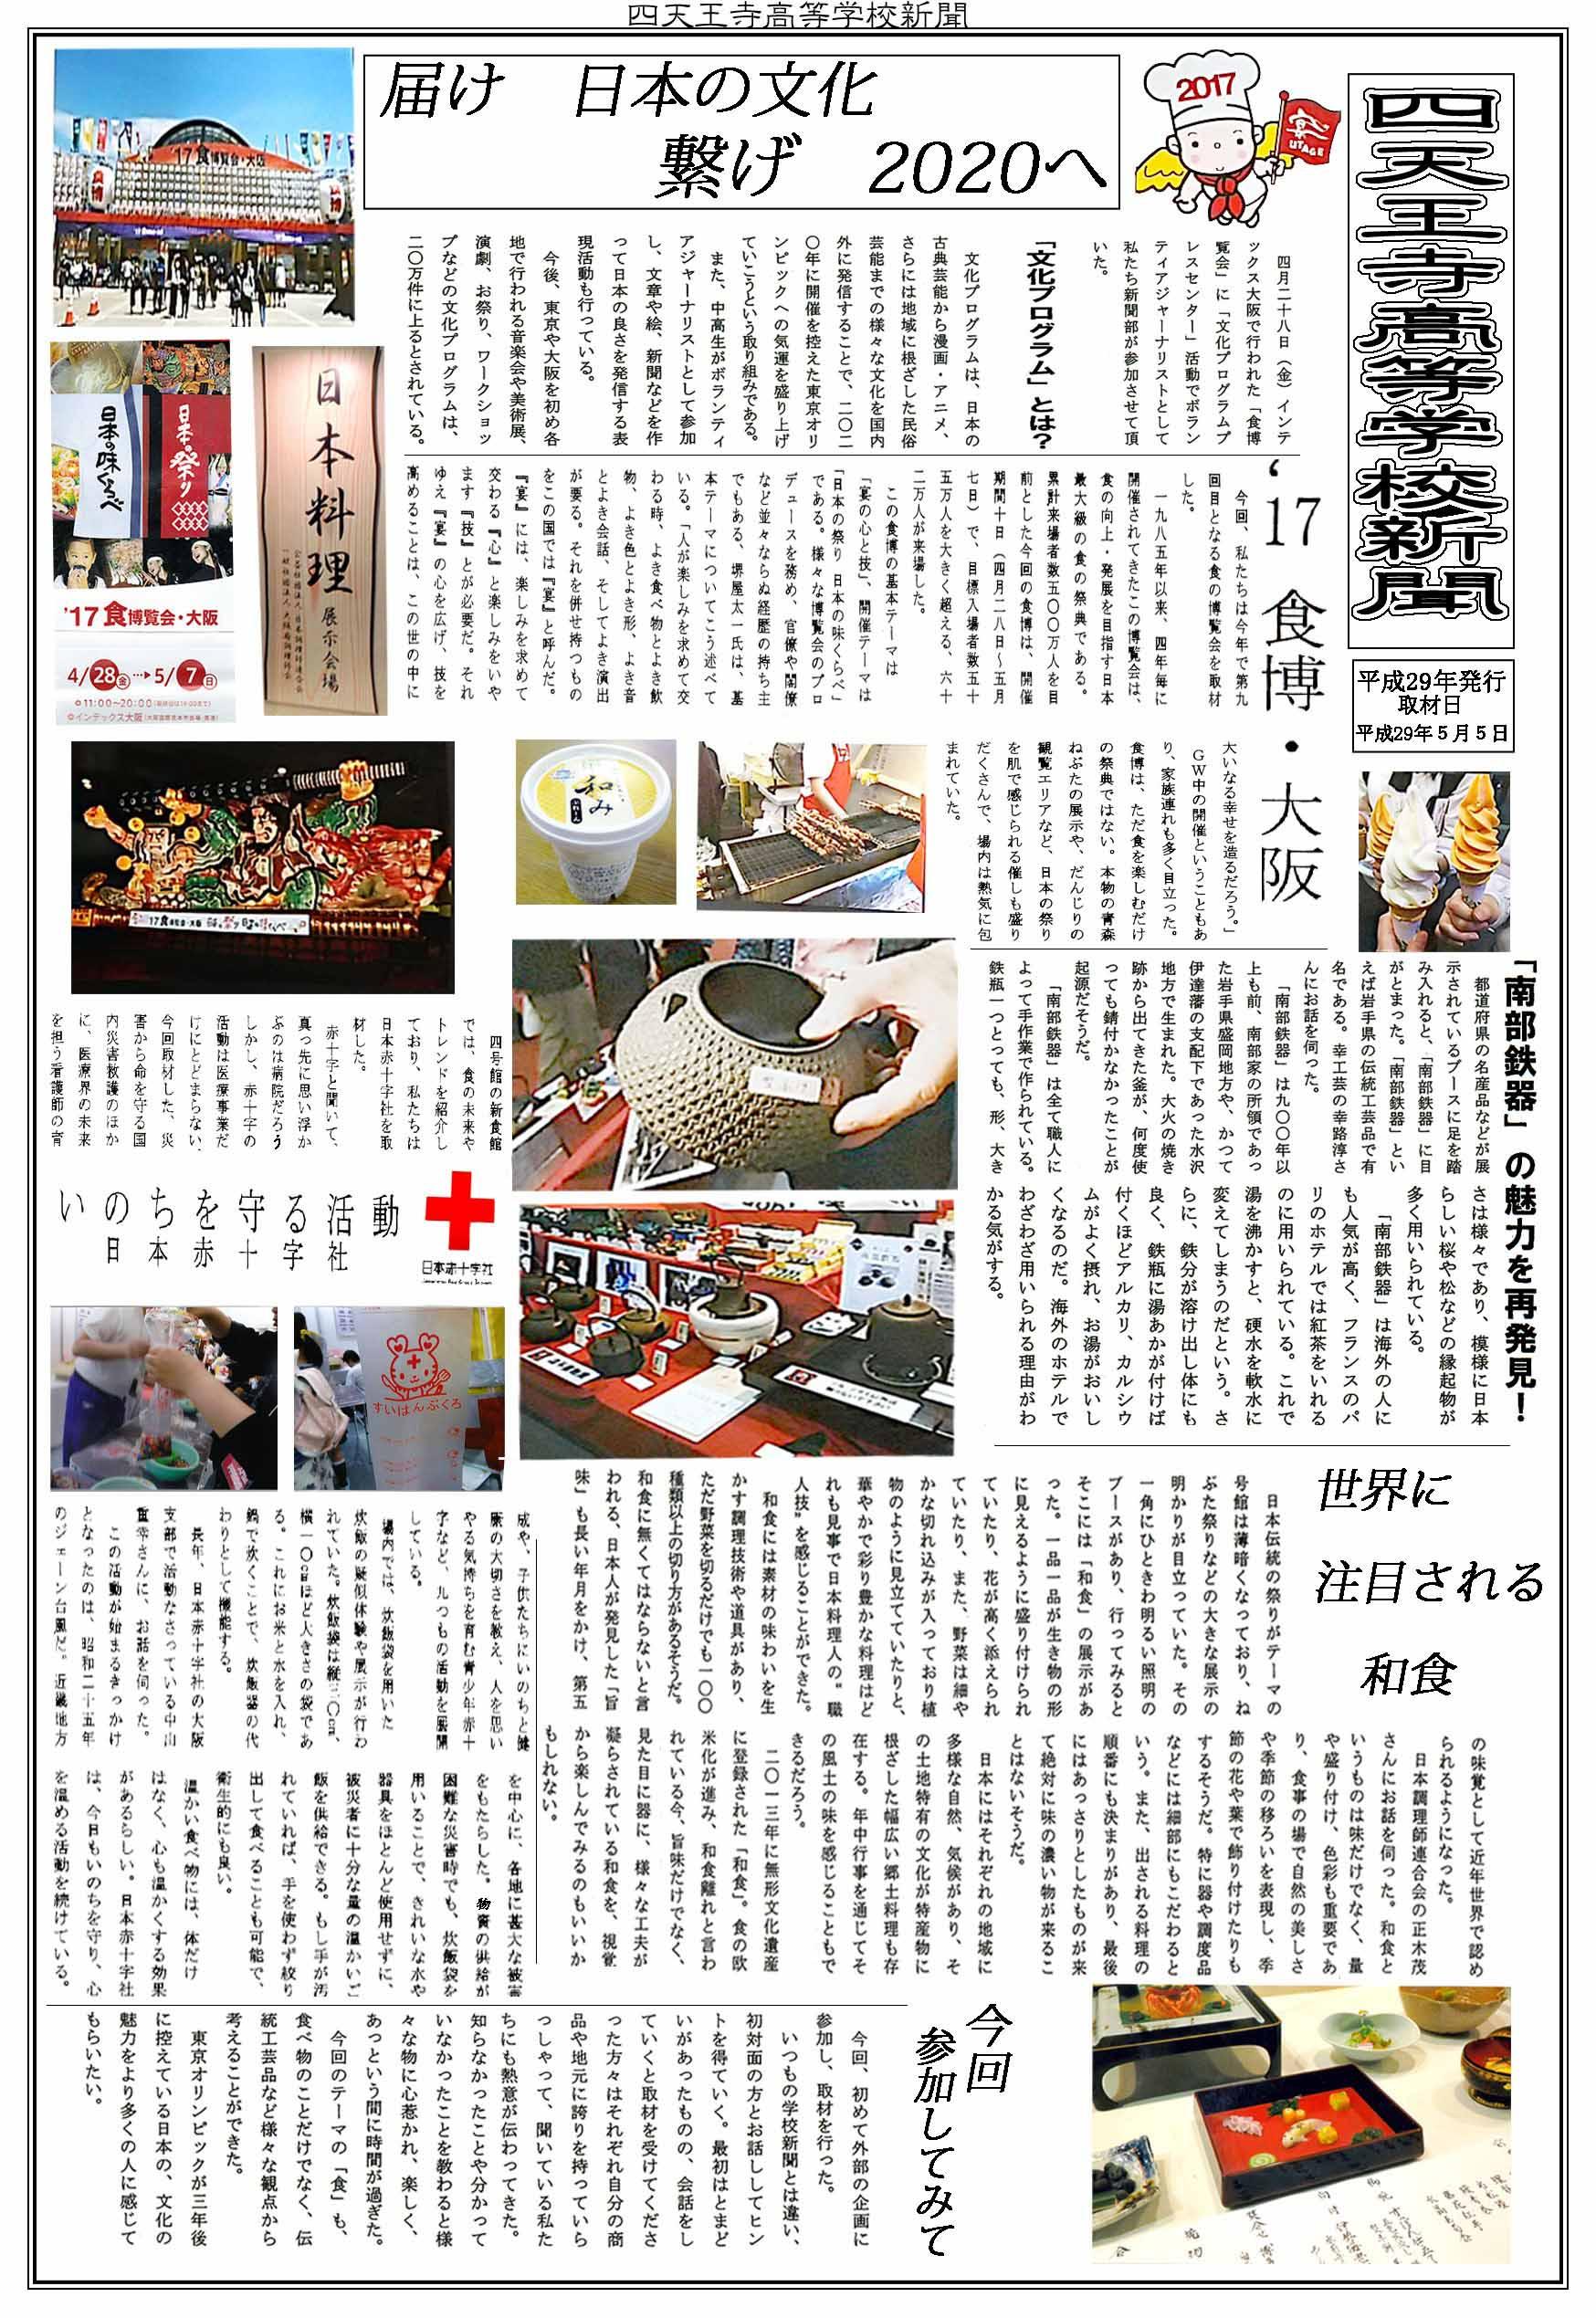 http://bunp.47news.jp/event/images/shokuhaku_shitennojiko2017_2.jpg